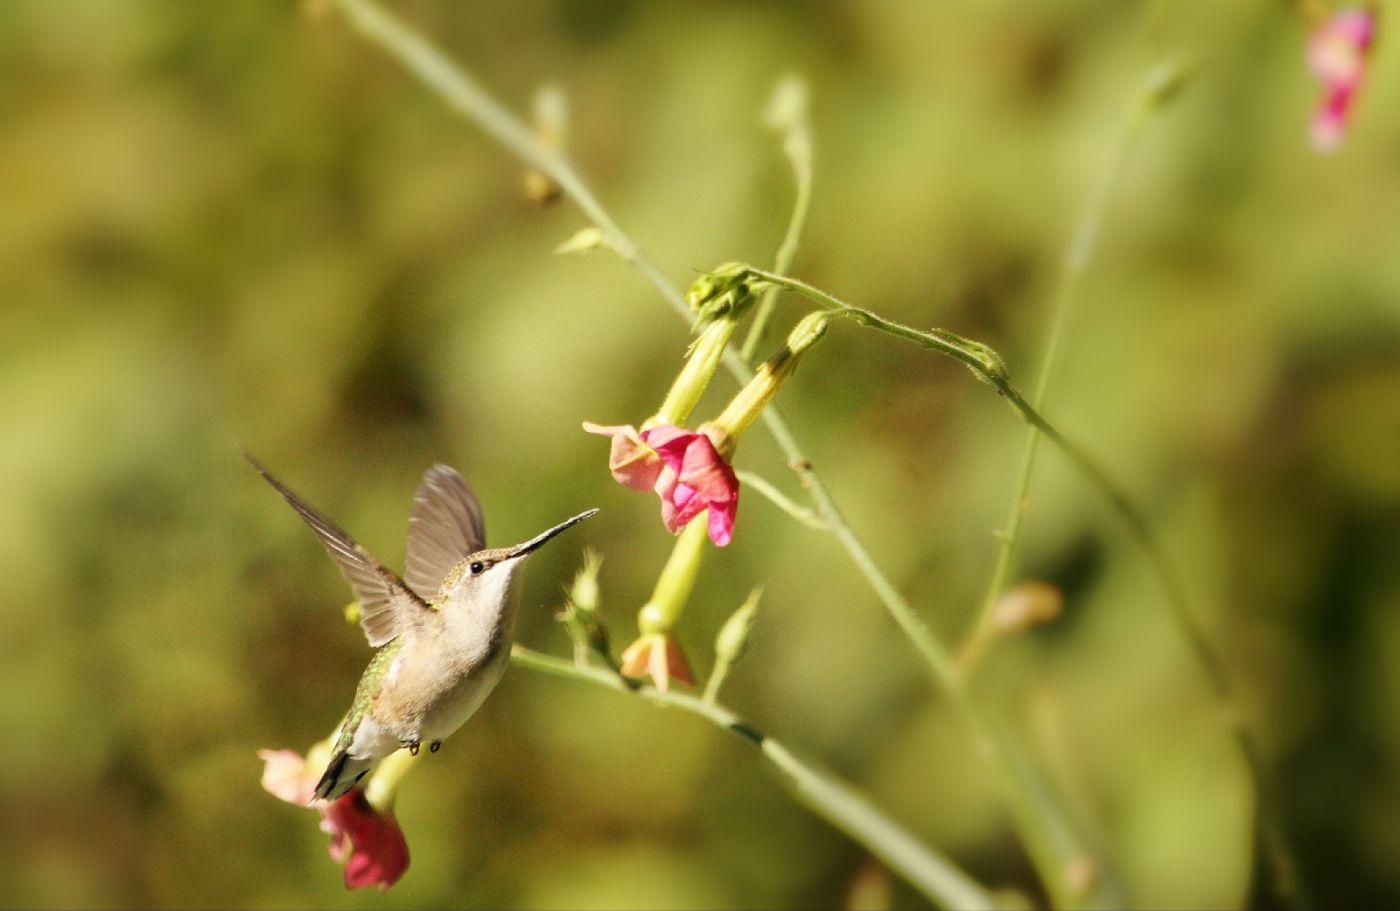 【田螺摄影】在纽约city找蜂鸟拍不难_图1-19